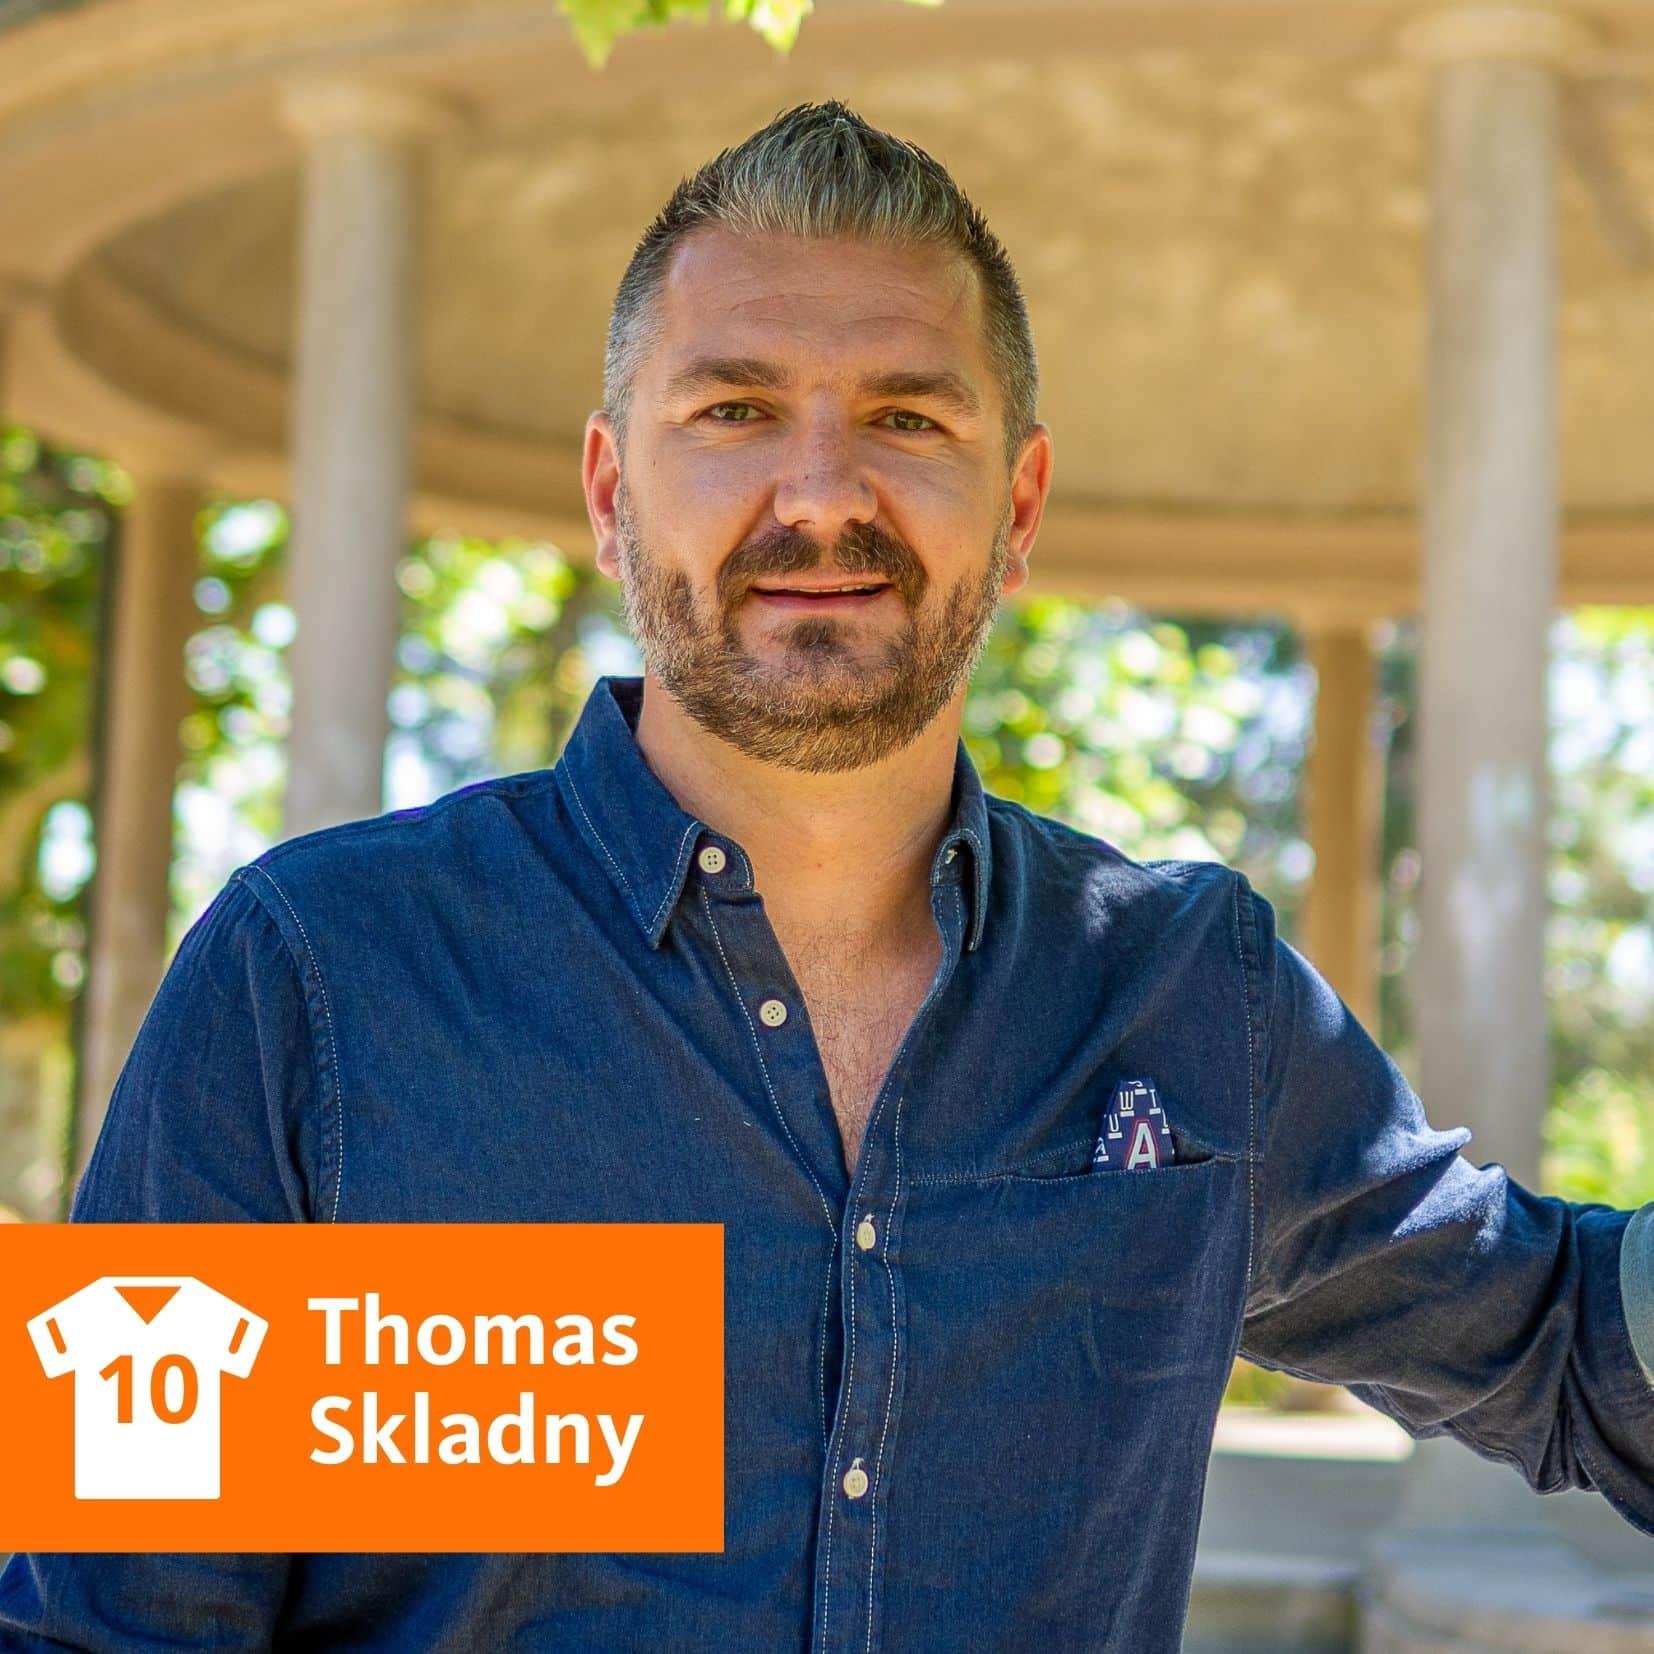 Thomas Skladny